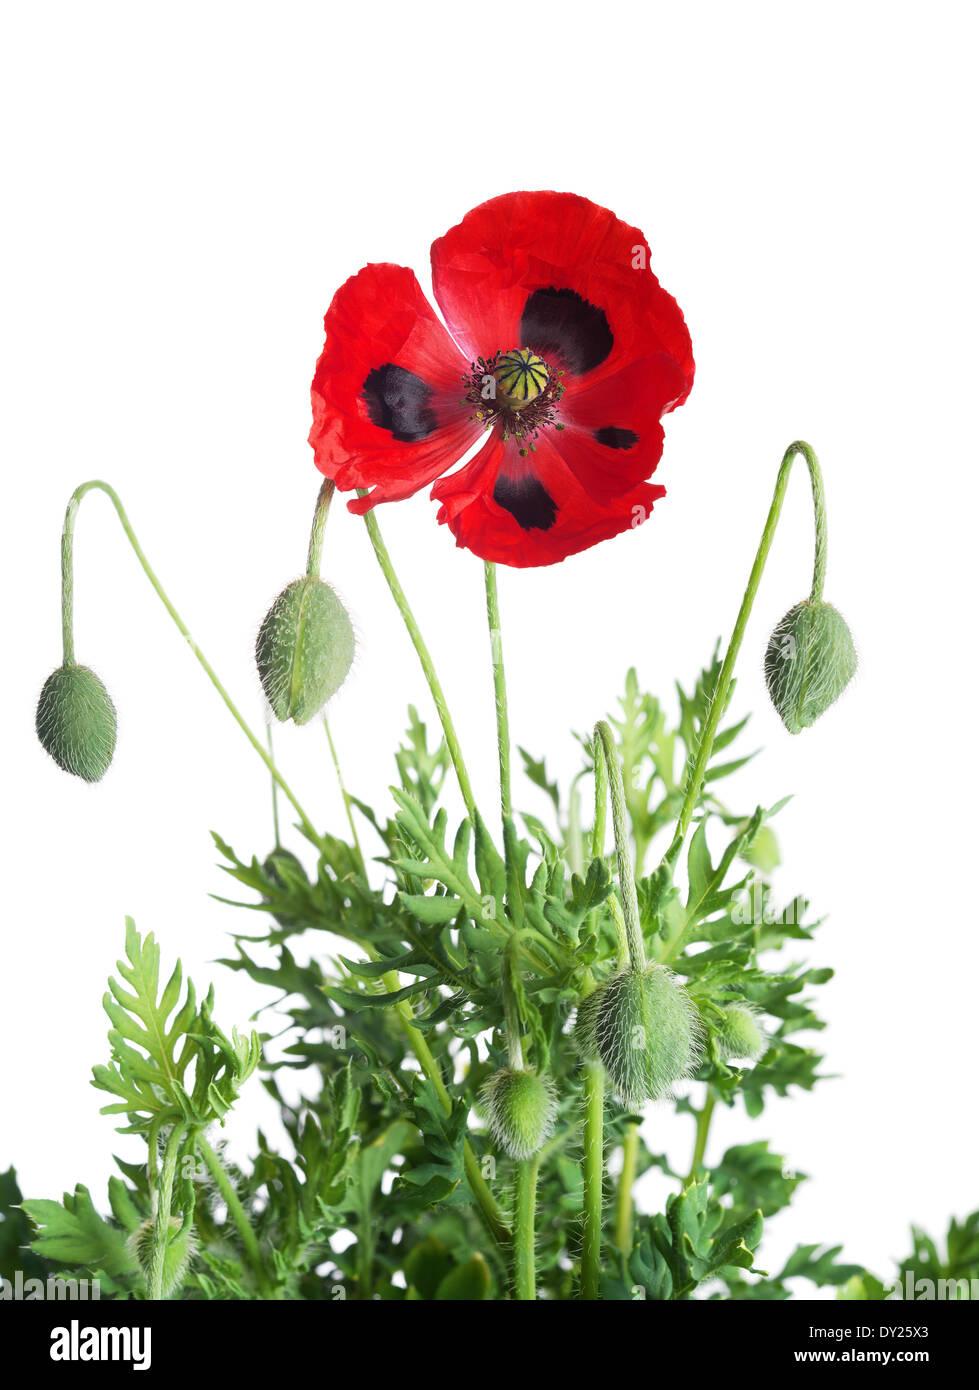 White poppy leaves isolated on stock photos white poppy leaves red poppy with leaves isolated on white backgroundallow dof stock image mightylinksfo